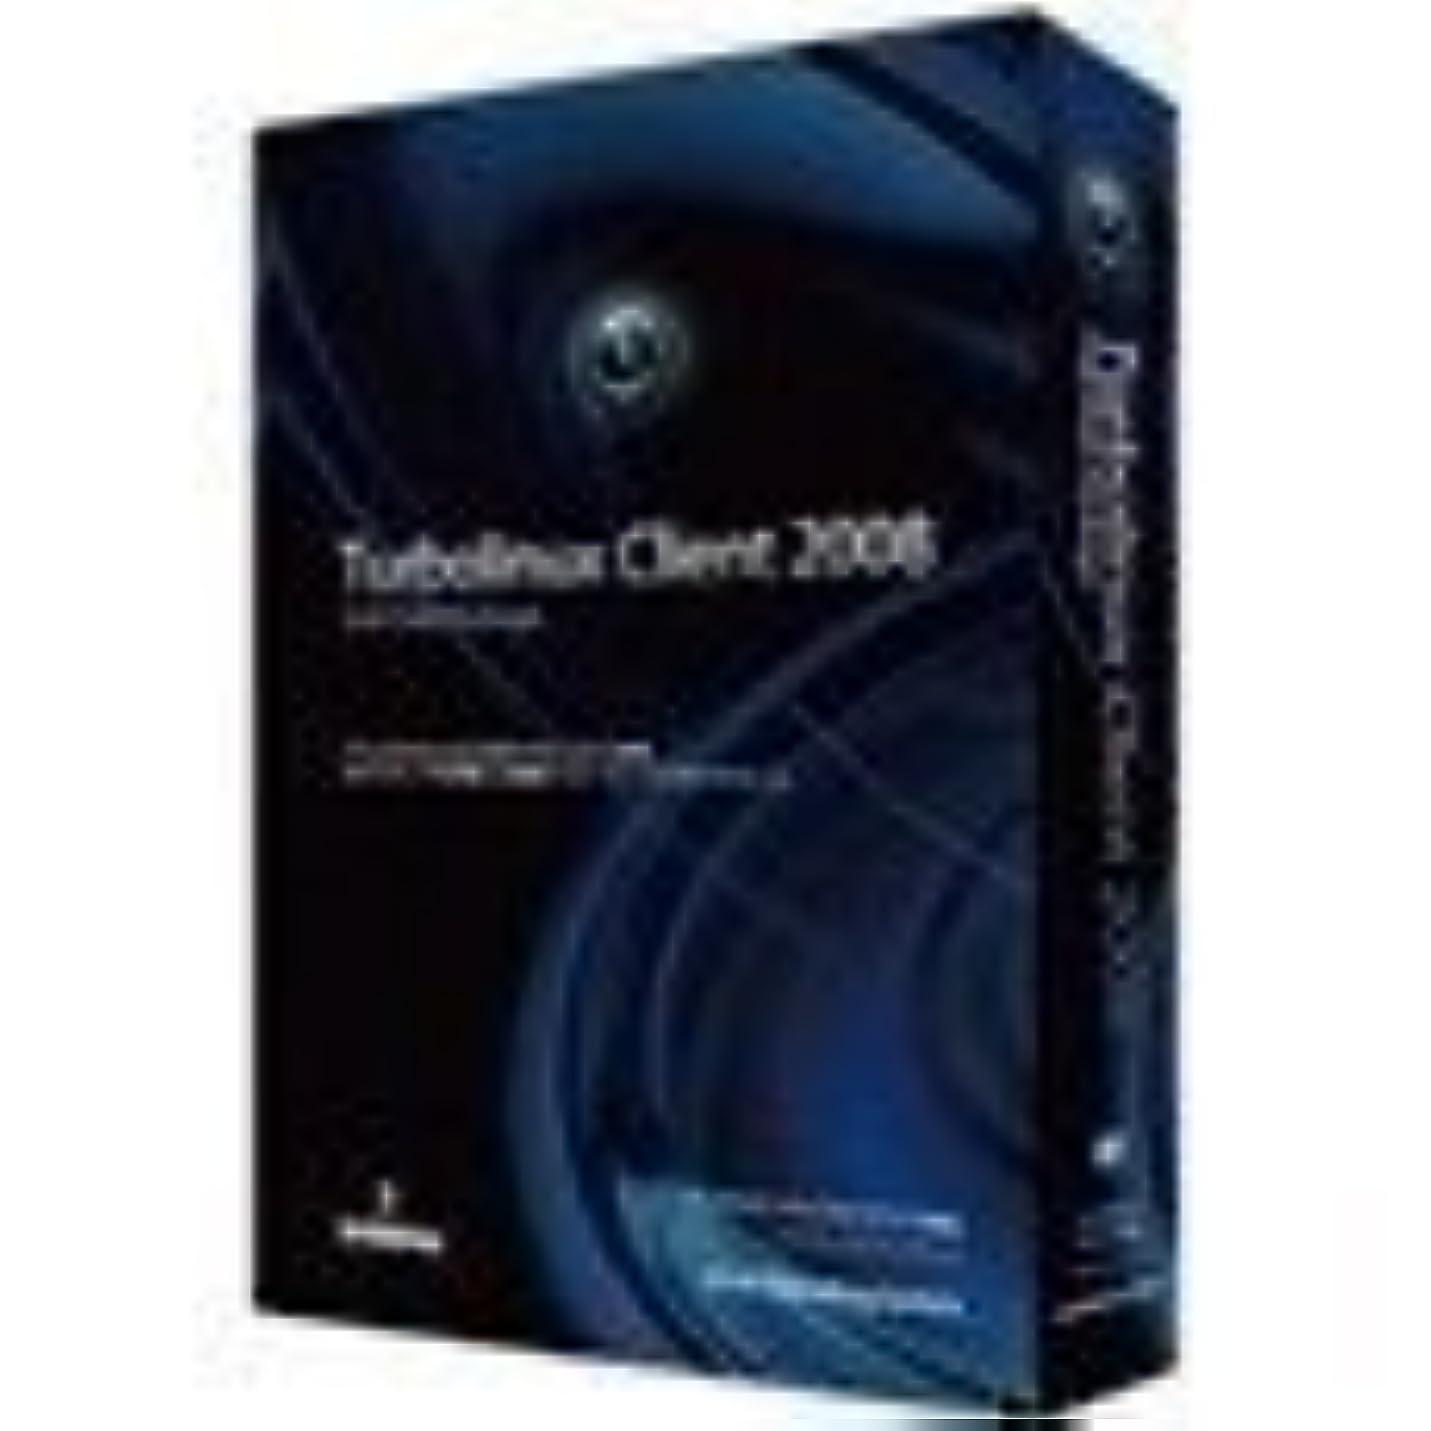 楽観的科学者統治可能Turbolinux Client 2008 Full Disc Package